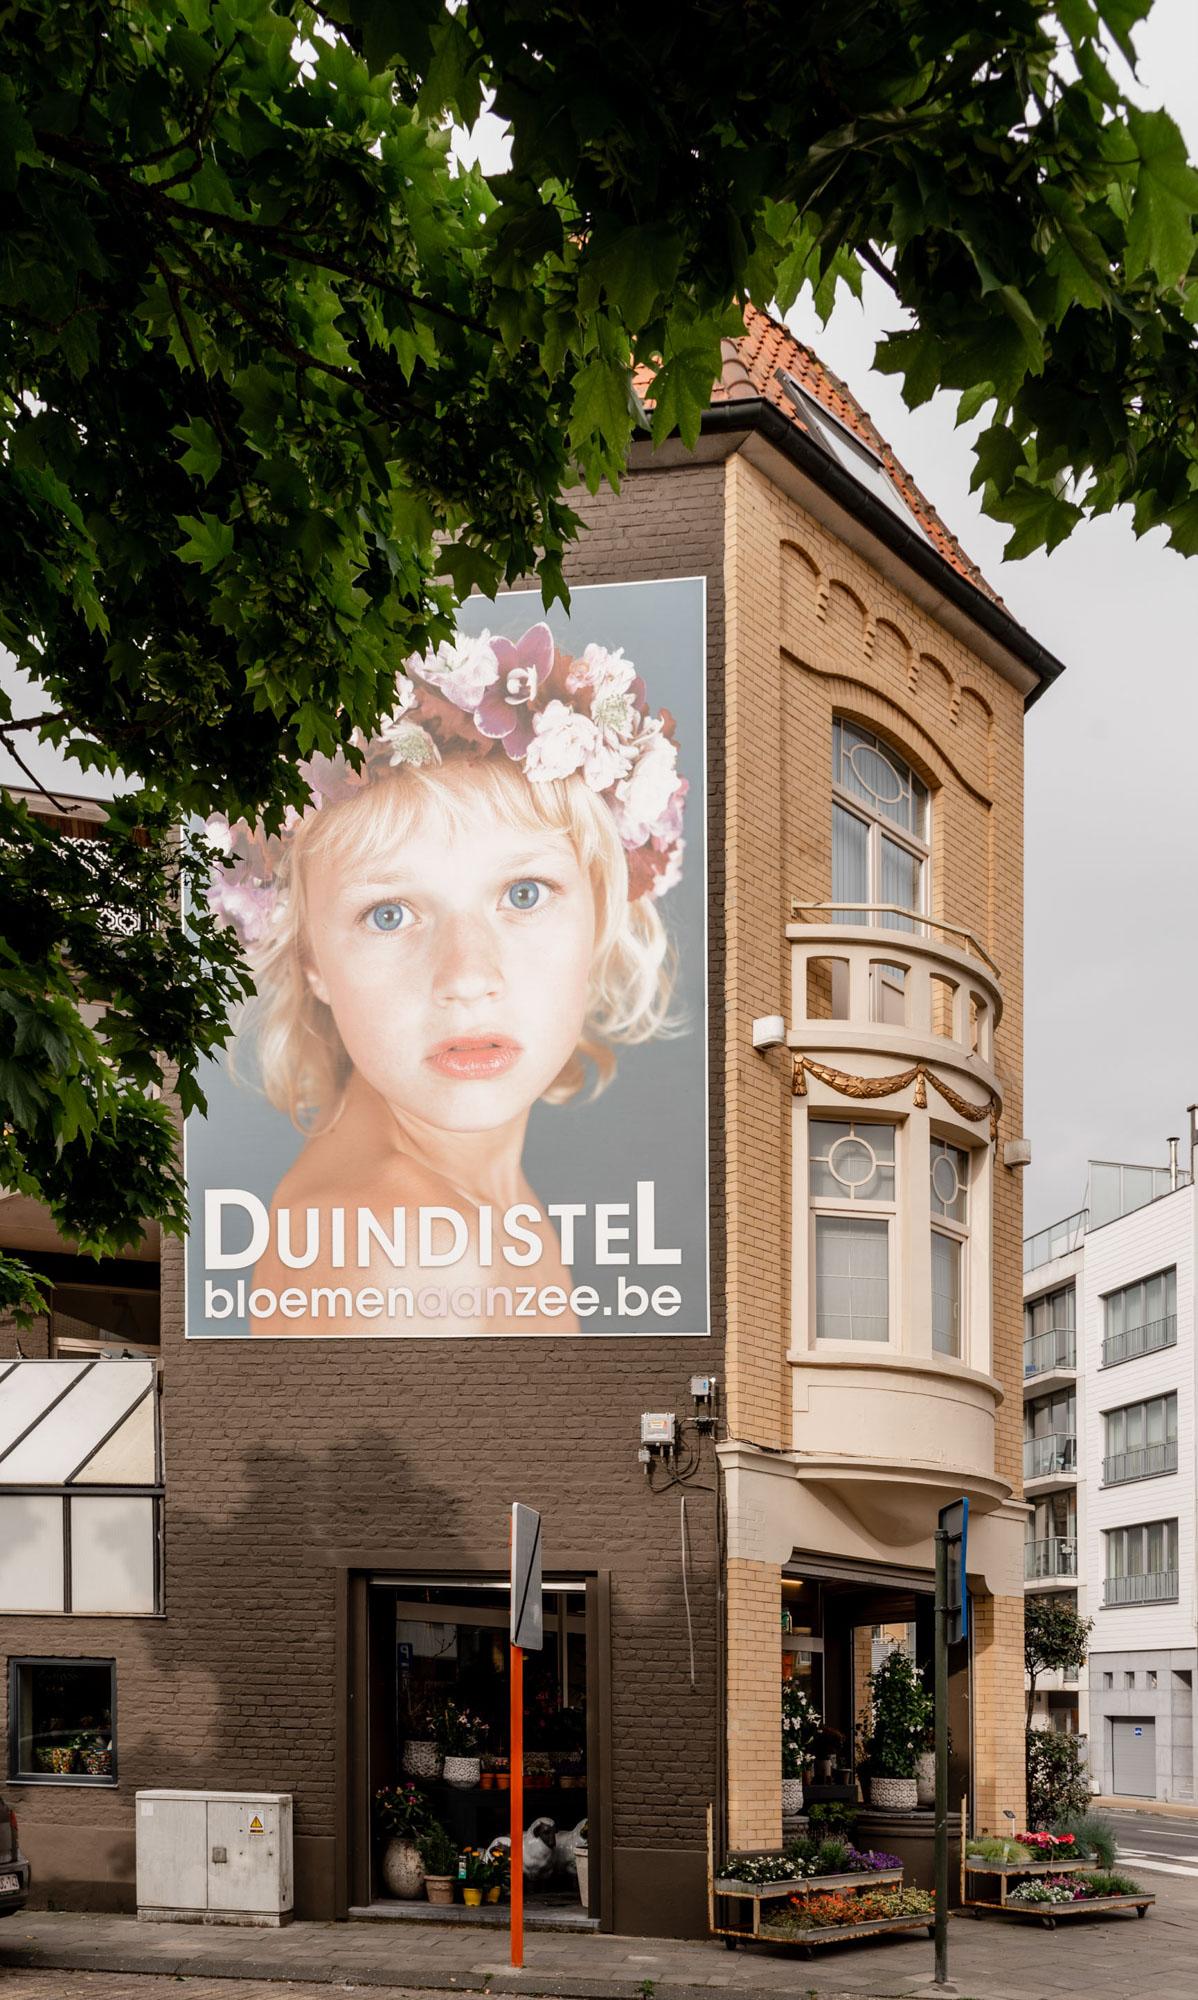 Bedrijfsfotograaf Bedrijfsfotografie Oostende Brugge Bloemenaanzee Duindistel